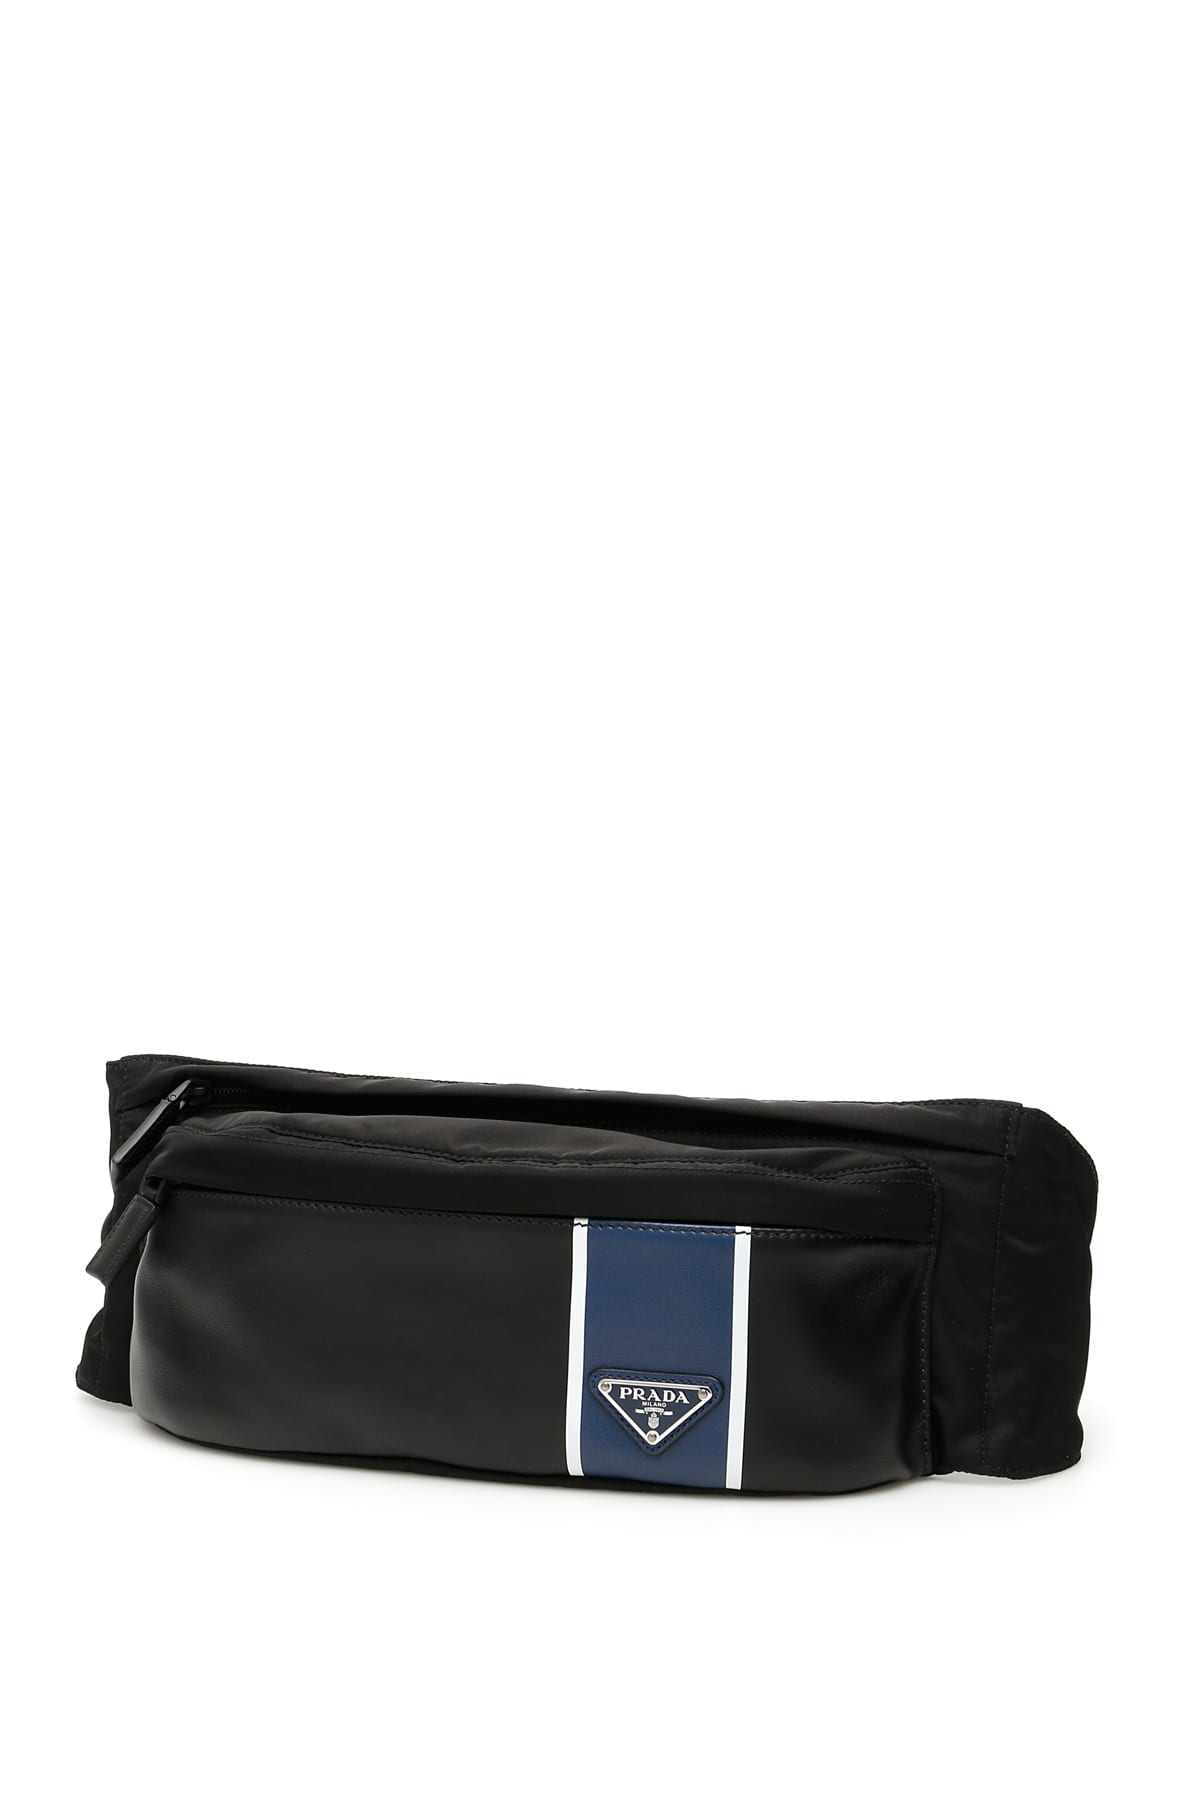 c972ac2c Prada Nylon And Leather Beltbag